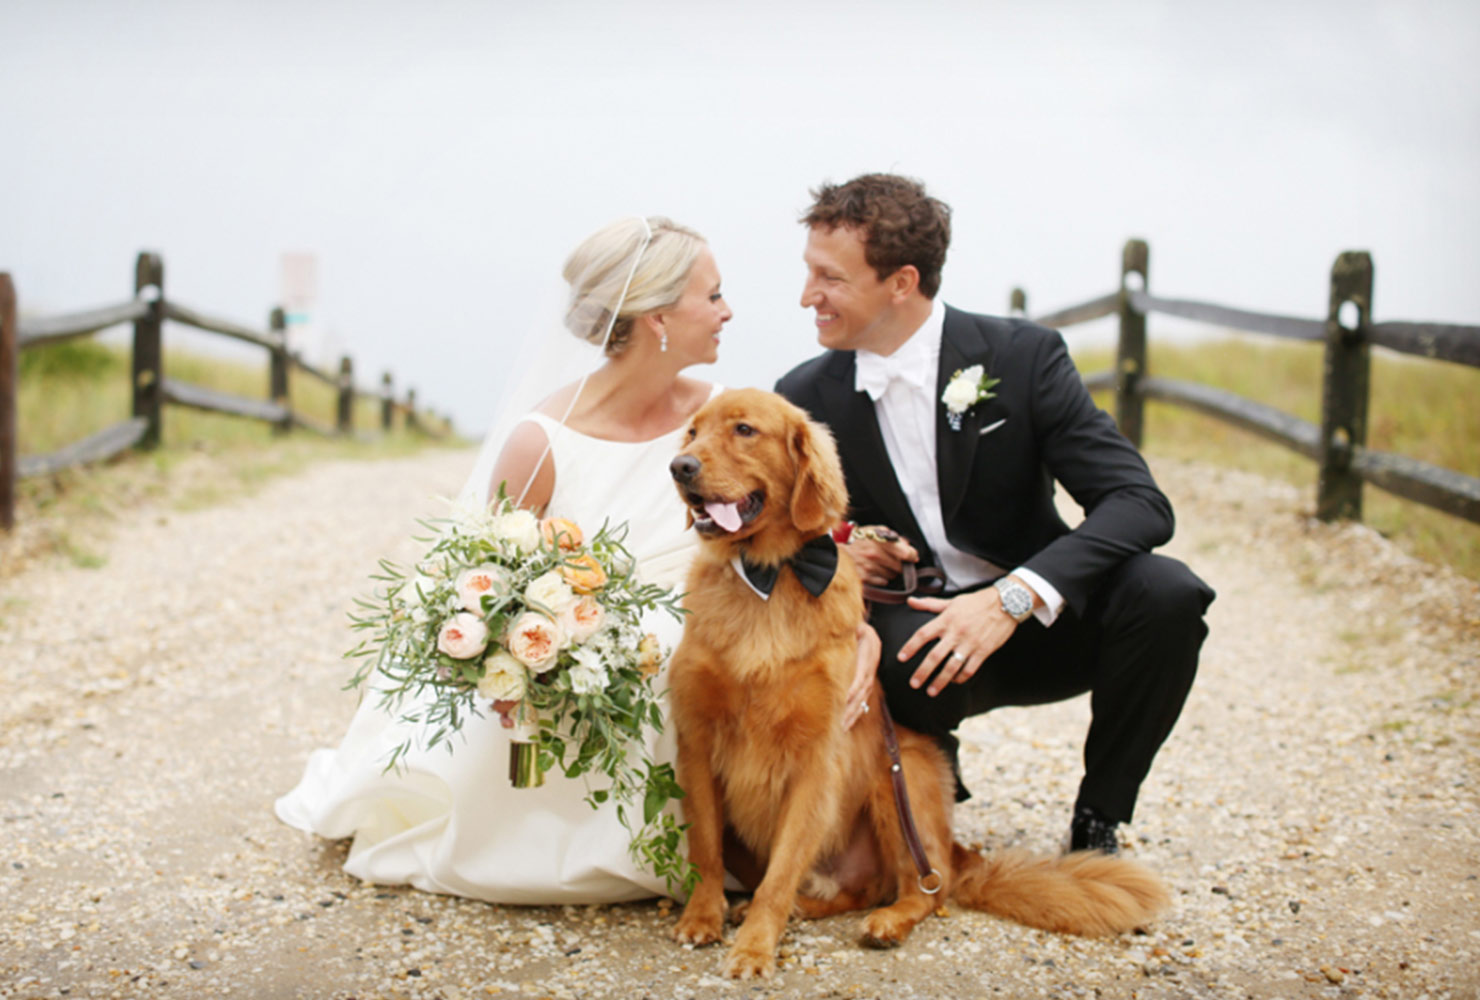 dogs-in-weddings-family-portrait.jpg